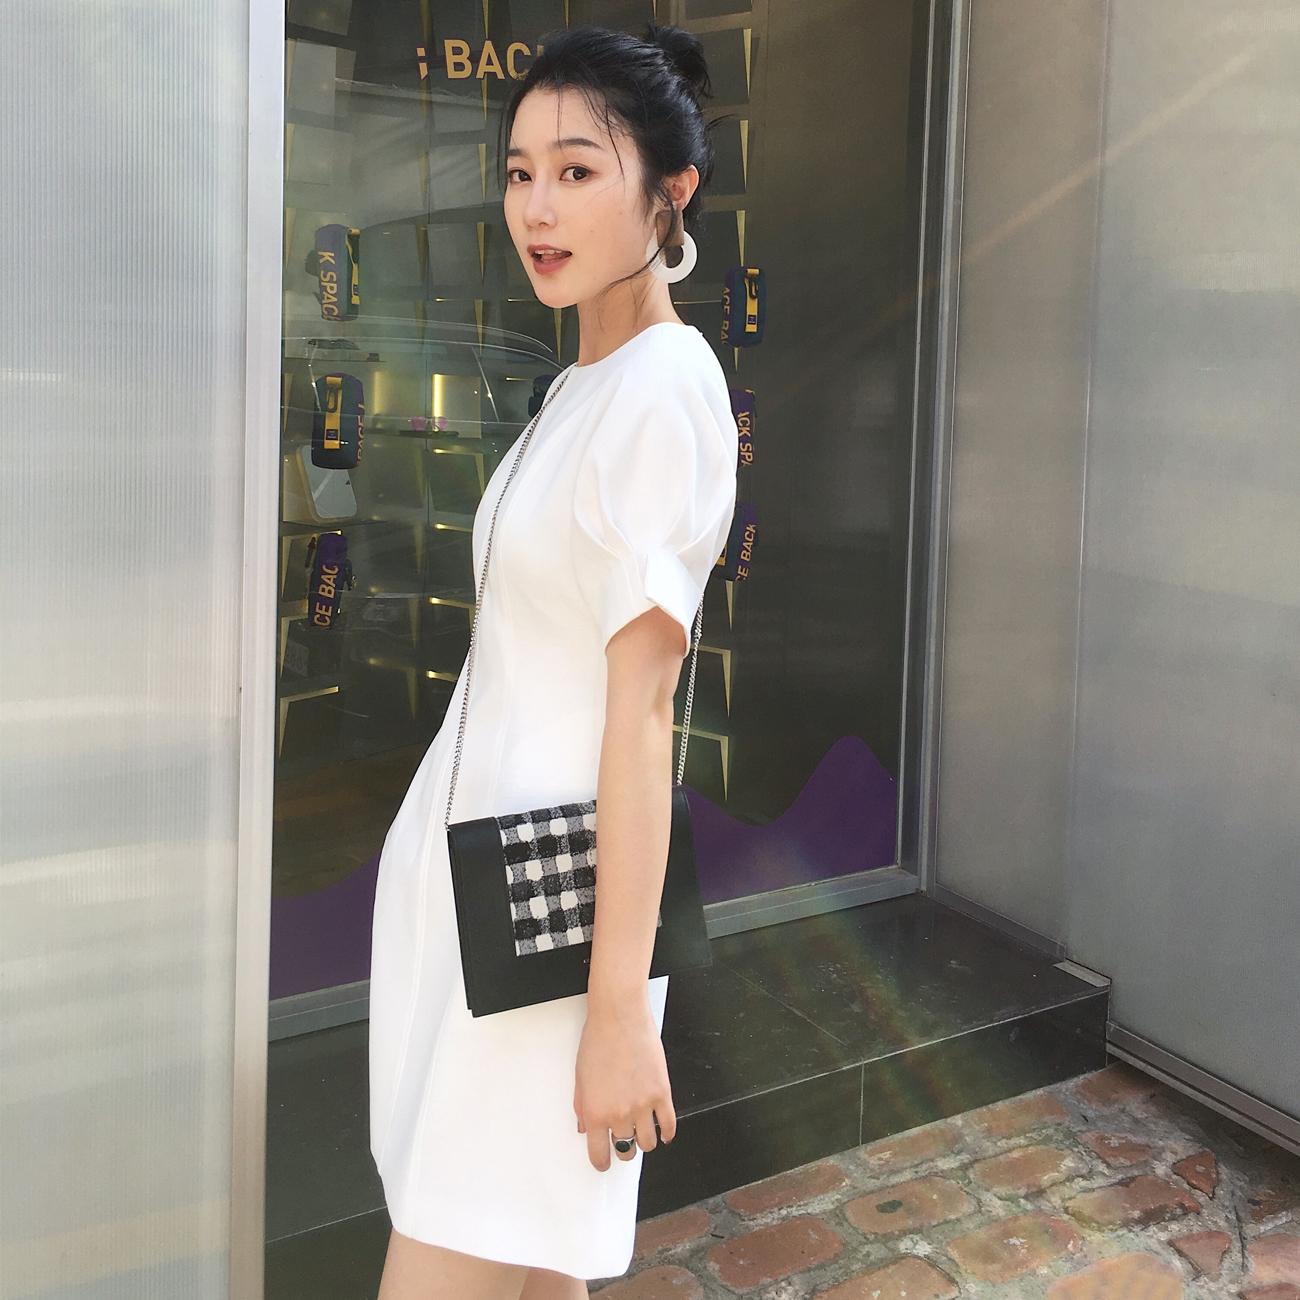 ◆ASM◆2018夏季新品泡泡短袖连衣裙气质收腰黑色简约显瘦短裙女